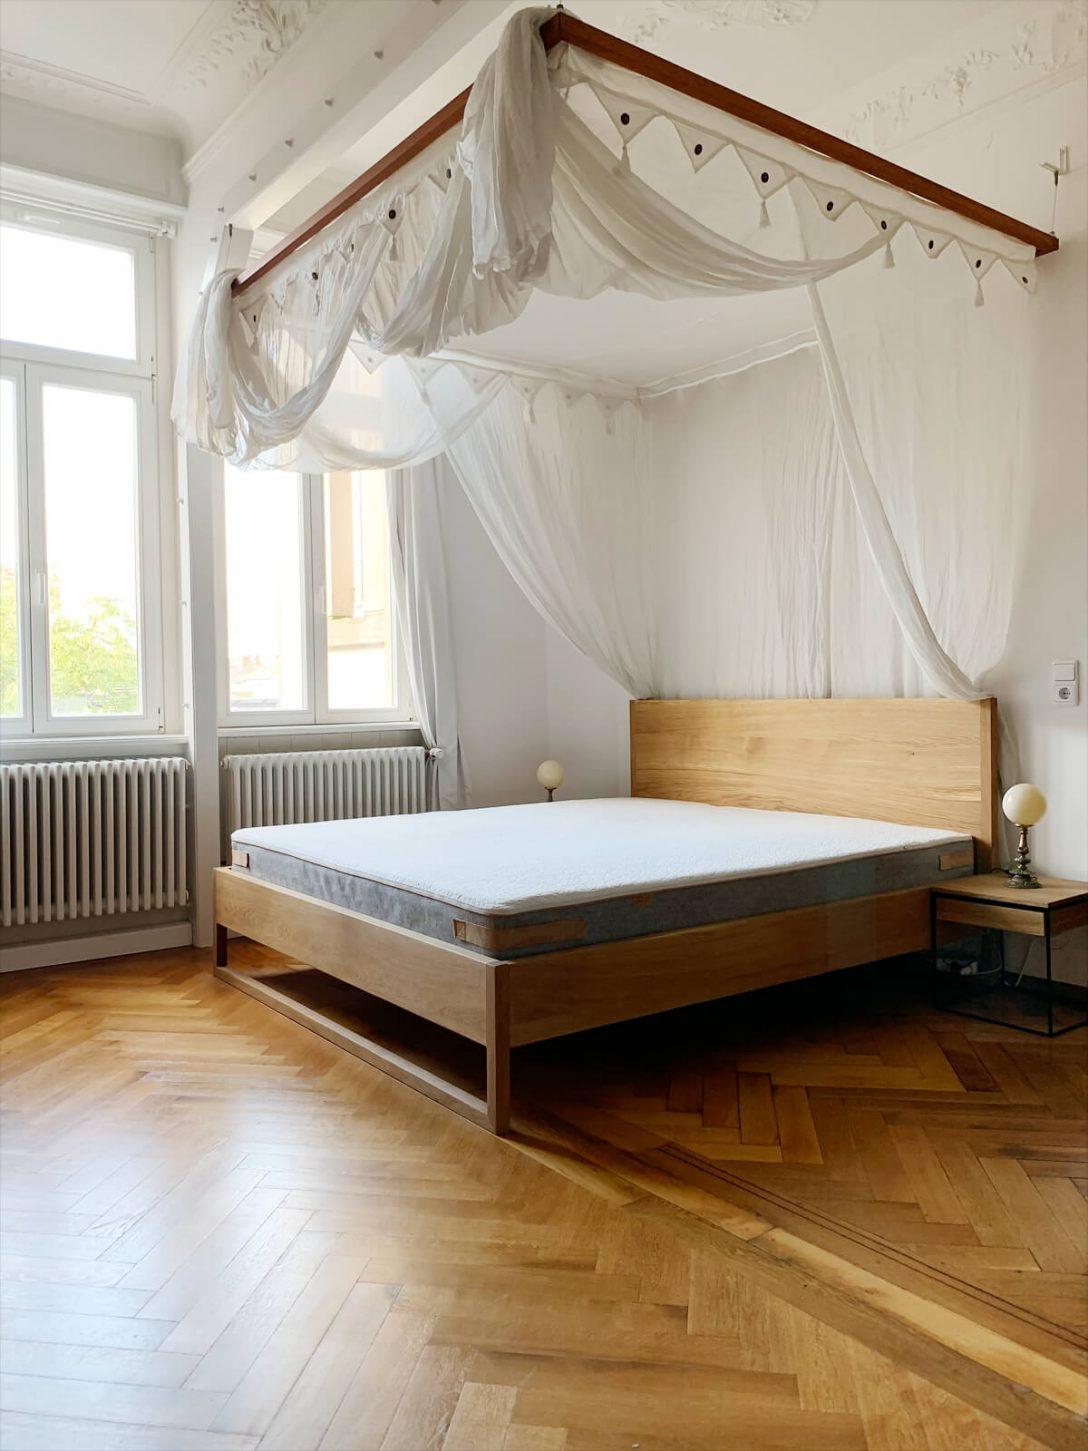 Large Size of Betten 200x200 Pure Oak Bett 102 N51e12 Design Manufacture Köln Massivholz Düsseldorf Günstige 140x200 Poco Amazon Antike Schlafzimmer Tagesdecken Für Bett Betten 200x200